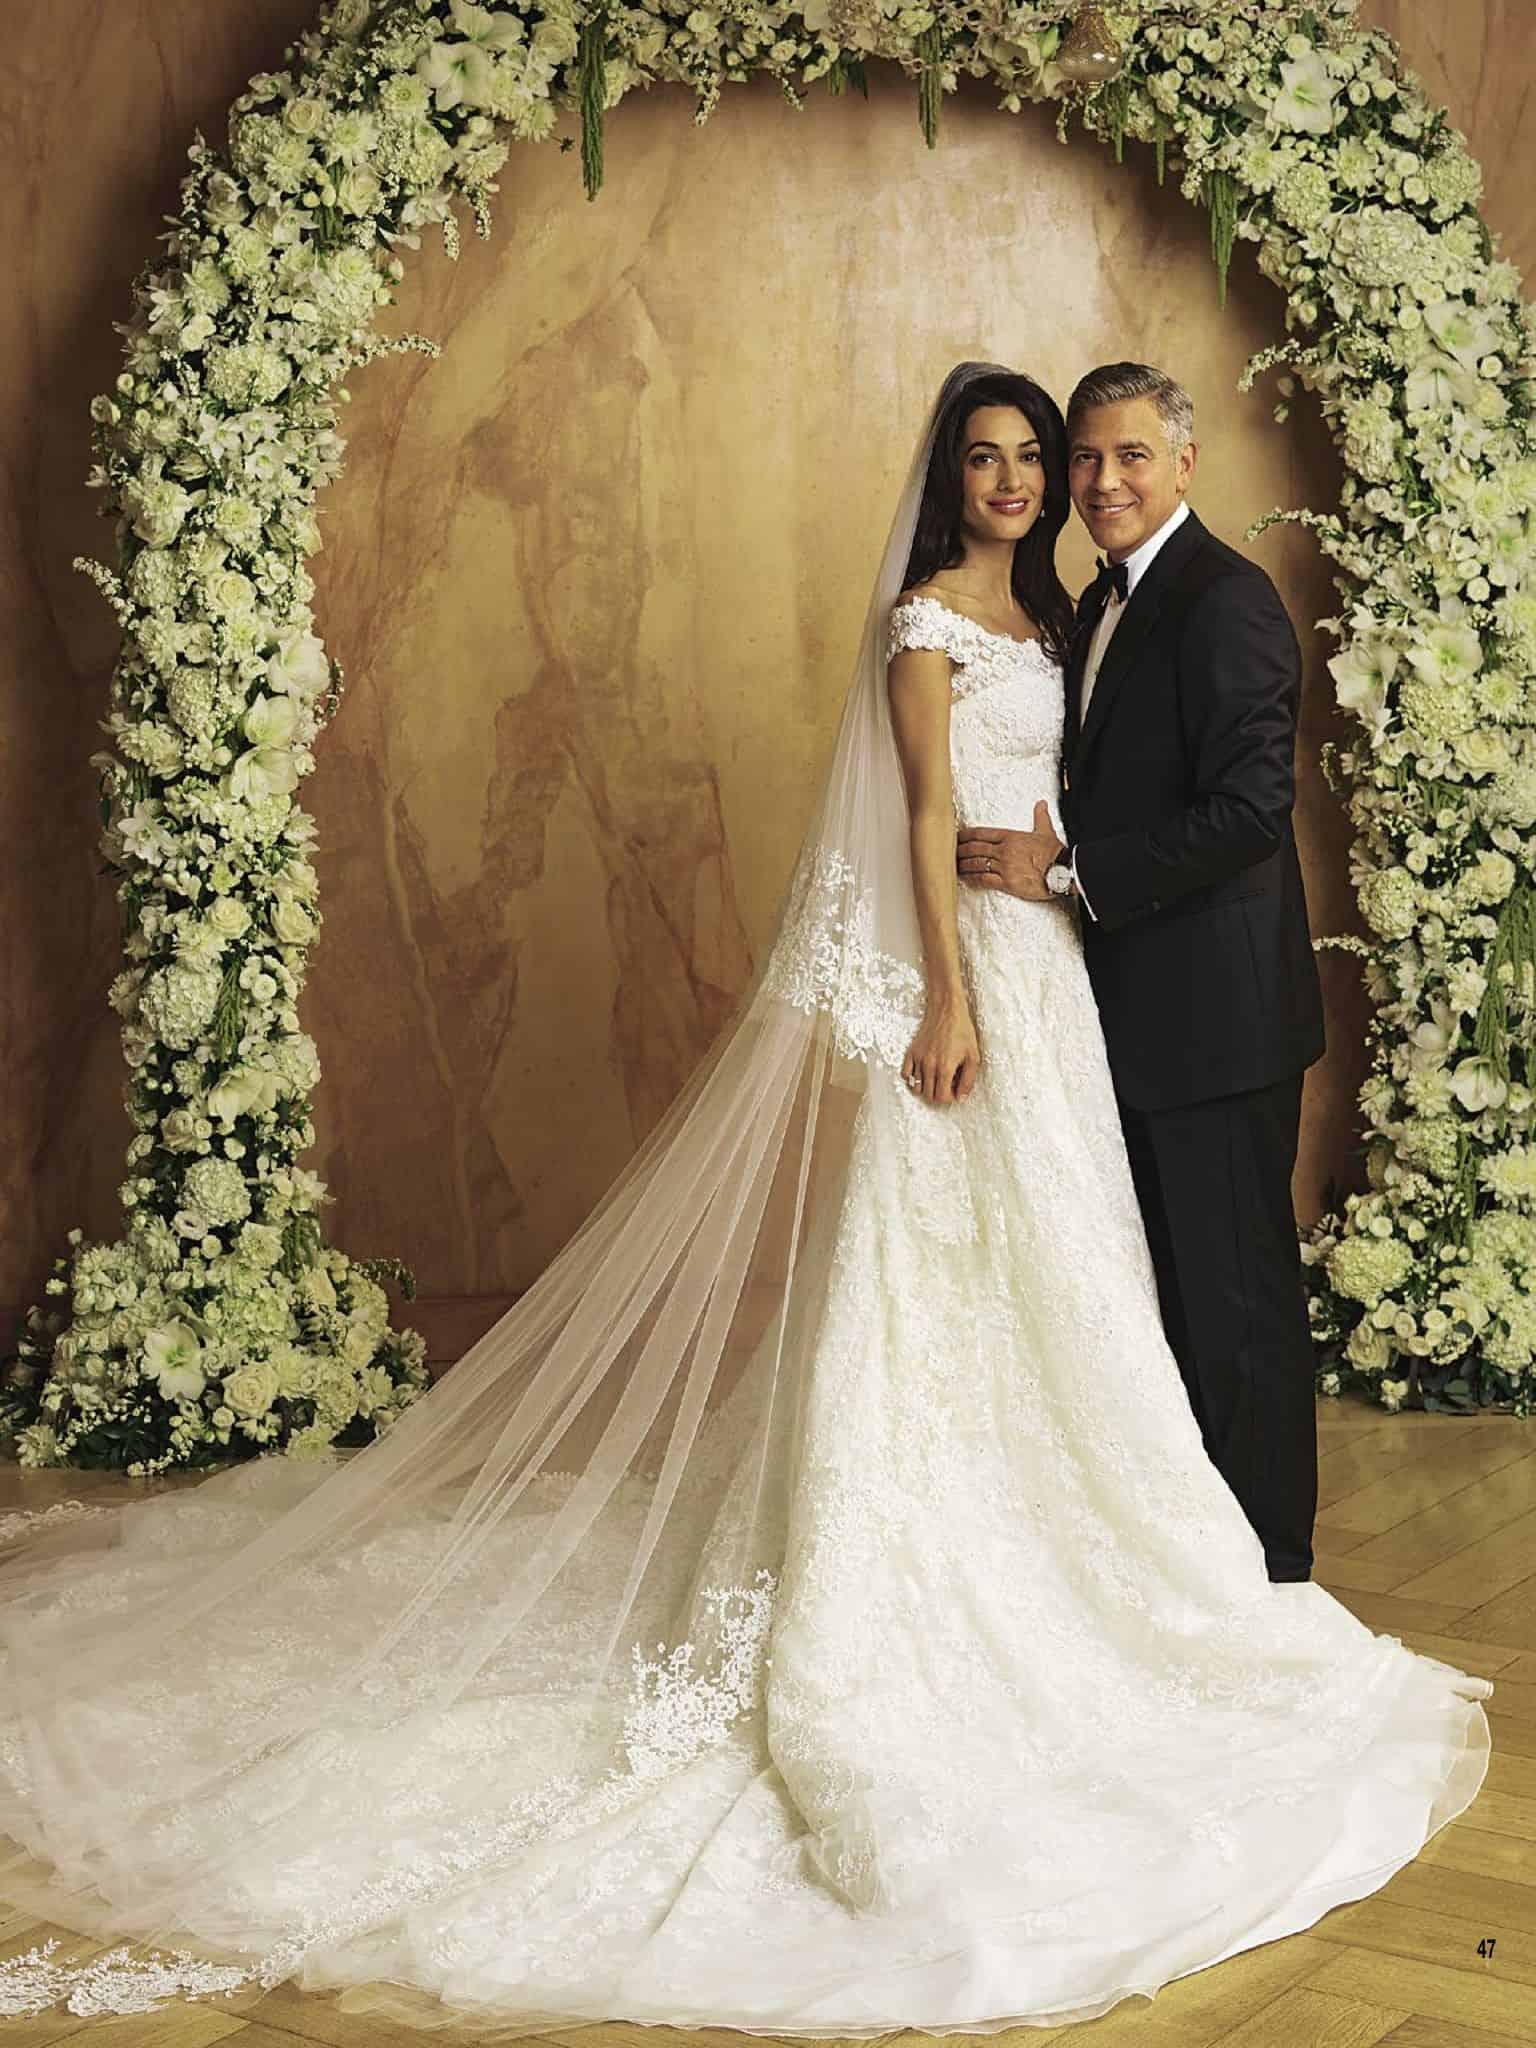 أغلى فساتين زفاف : فستان زفاف أمل كلوني